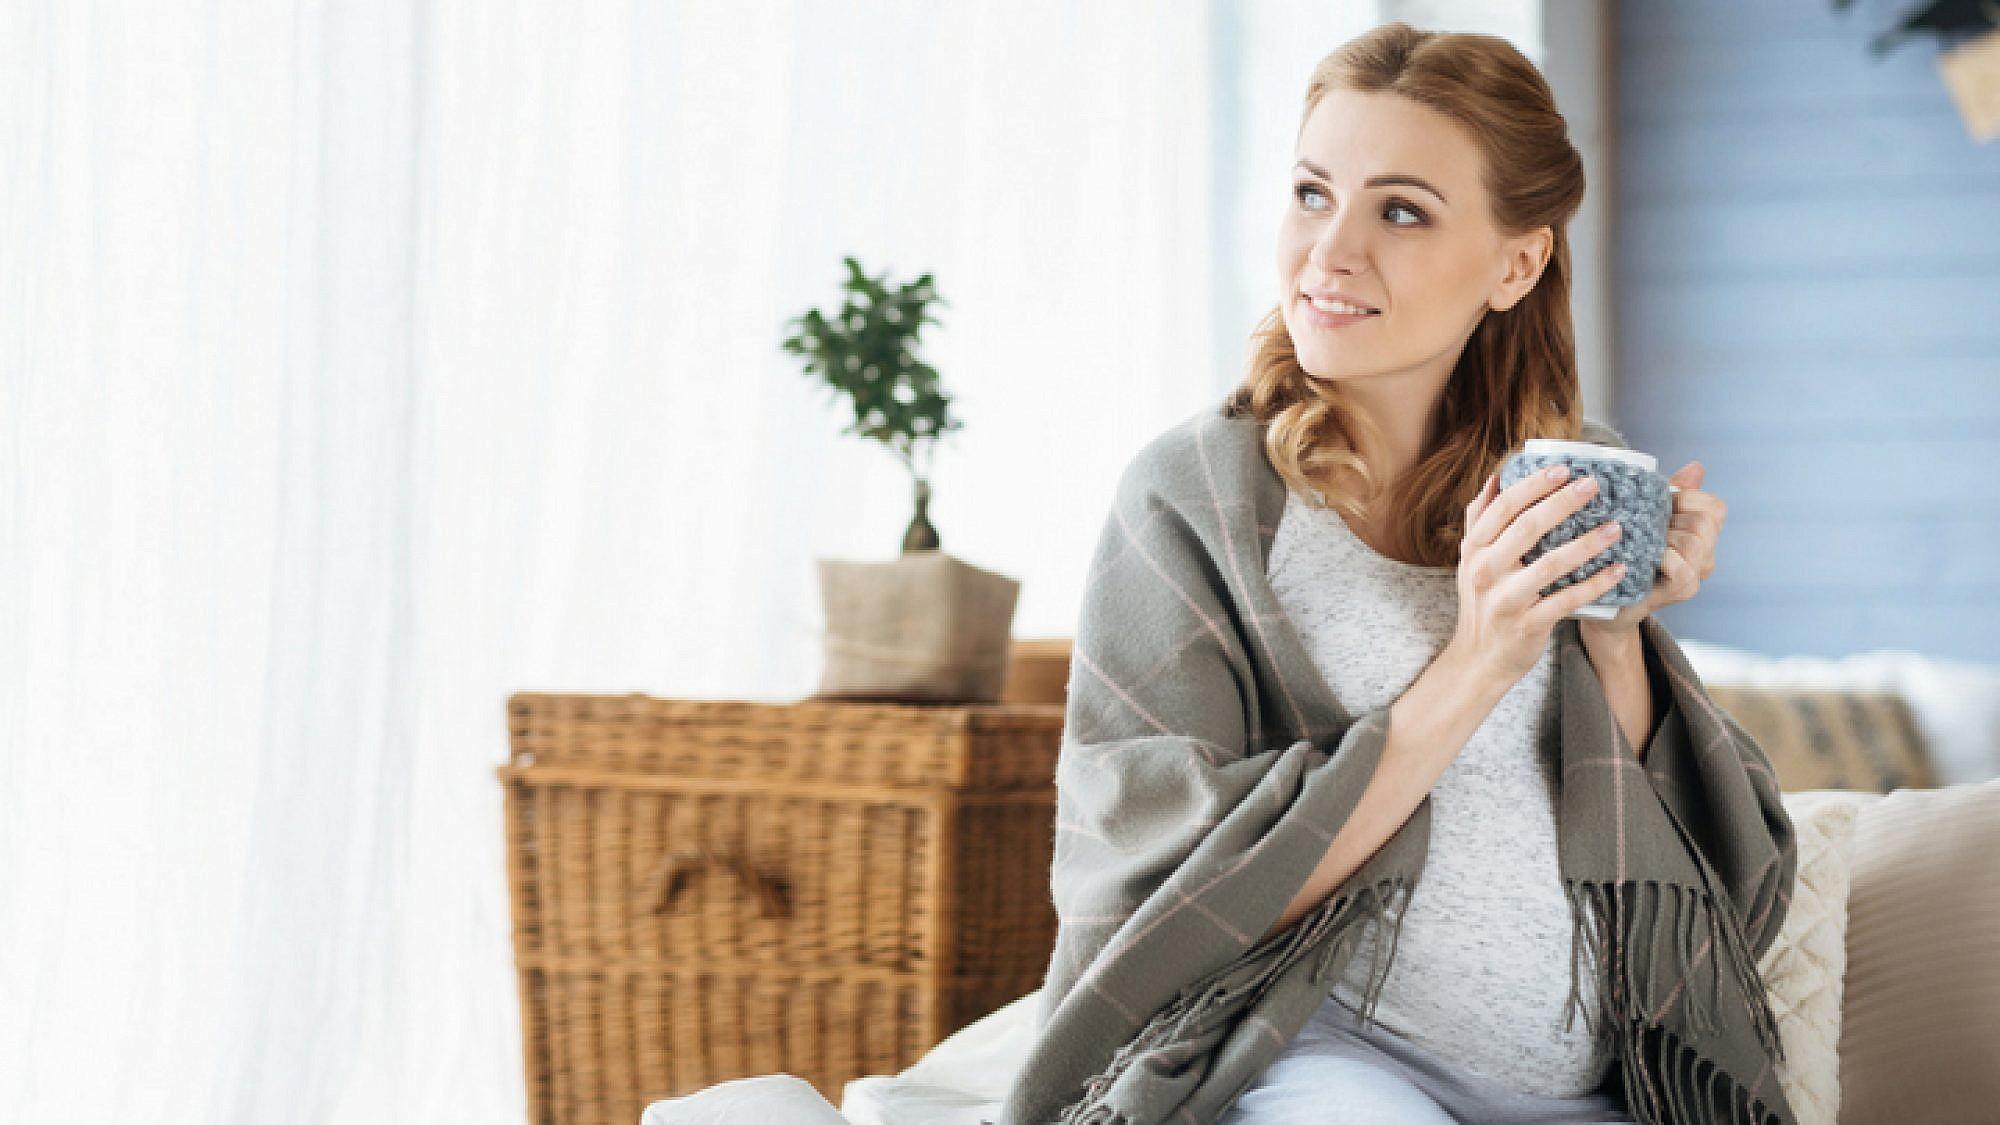 בהיריון? אלו הצמחים שכדאי שתימנעי מהם | צילום: Shutterstock